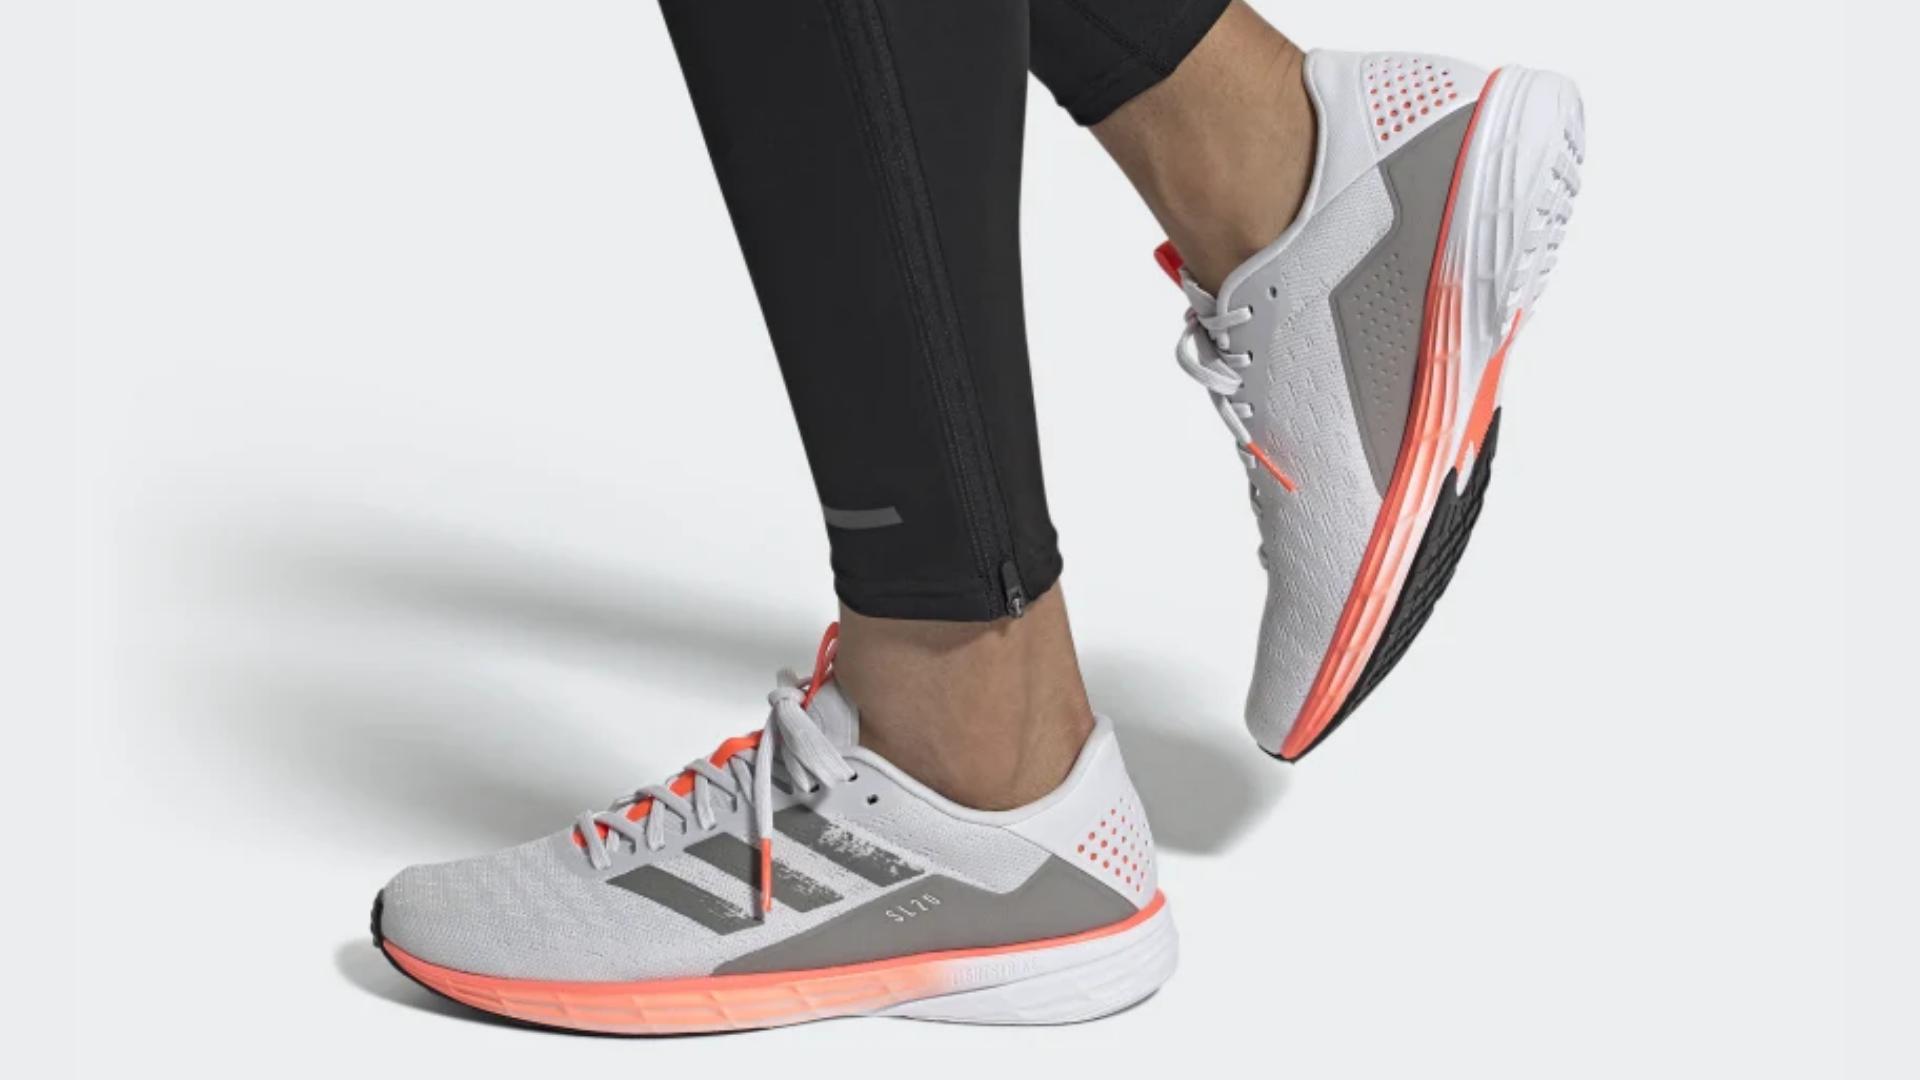 O Adidas SL20 é um tênis de corrida para pisada neutra (Imagem: Divulgação/Adidas)